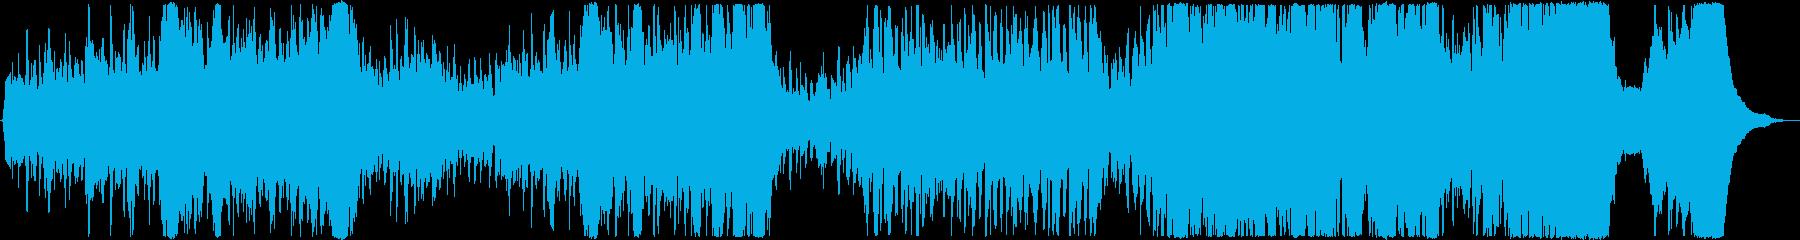 ラテン/スパニッシュ/情熱的/オケの再生済みの波形